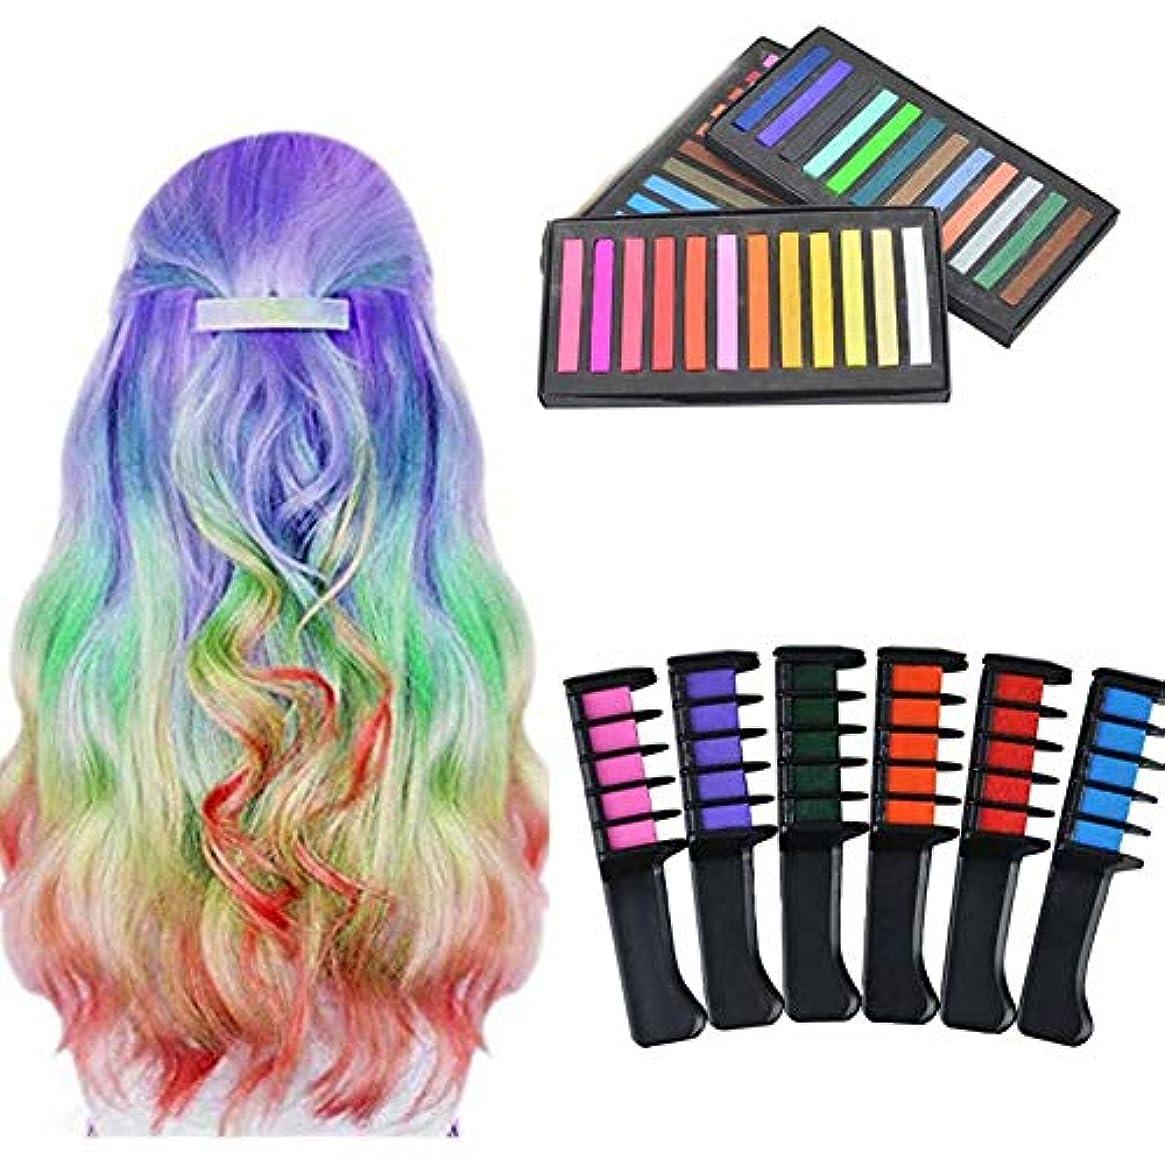 バーター詩人社会学キッズパーティー洗える髪染めペットキット(6色+ 36色ヘアスティック)のための髪染料チョーク櫛一時的な色